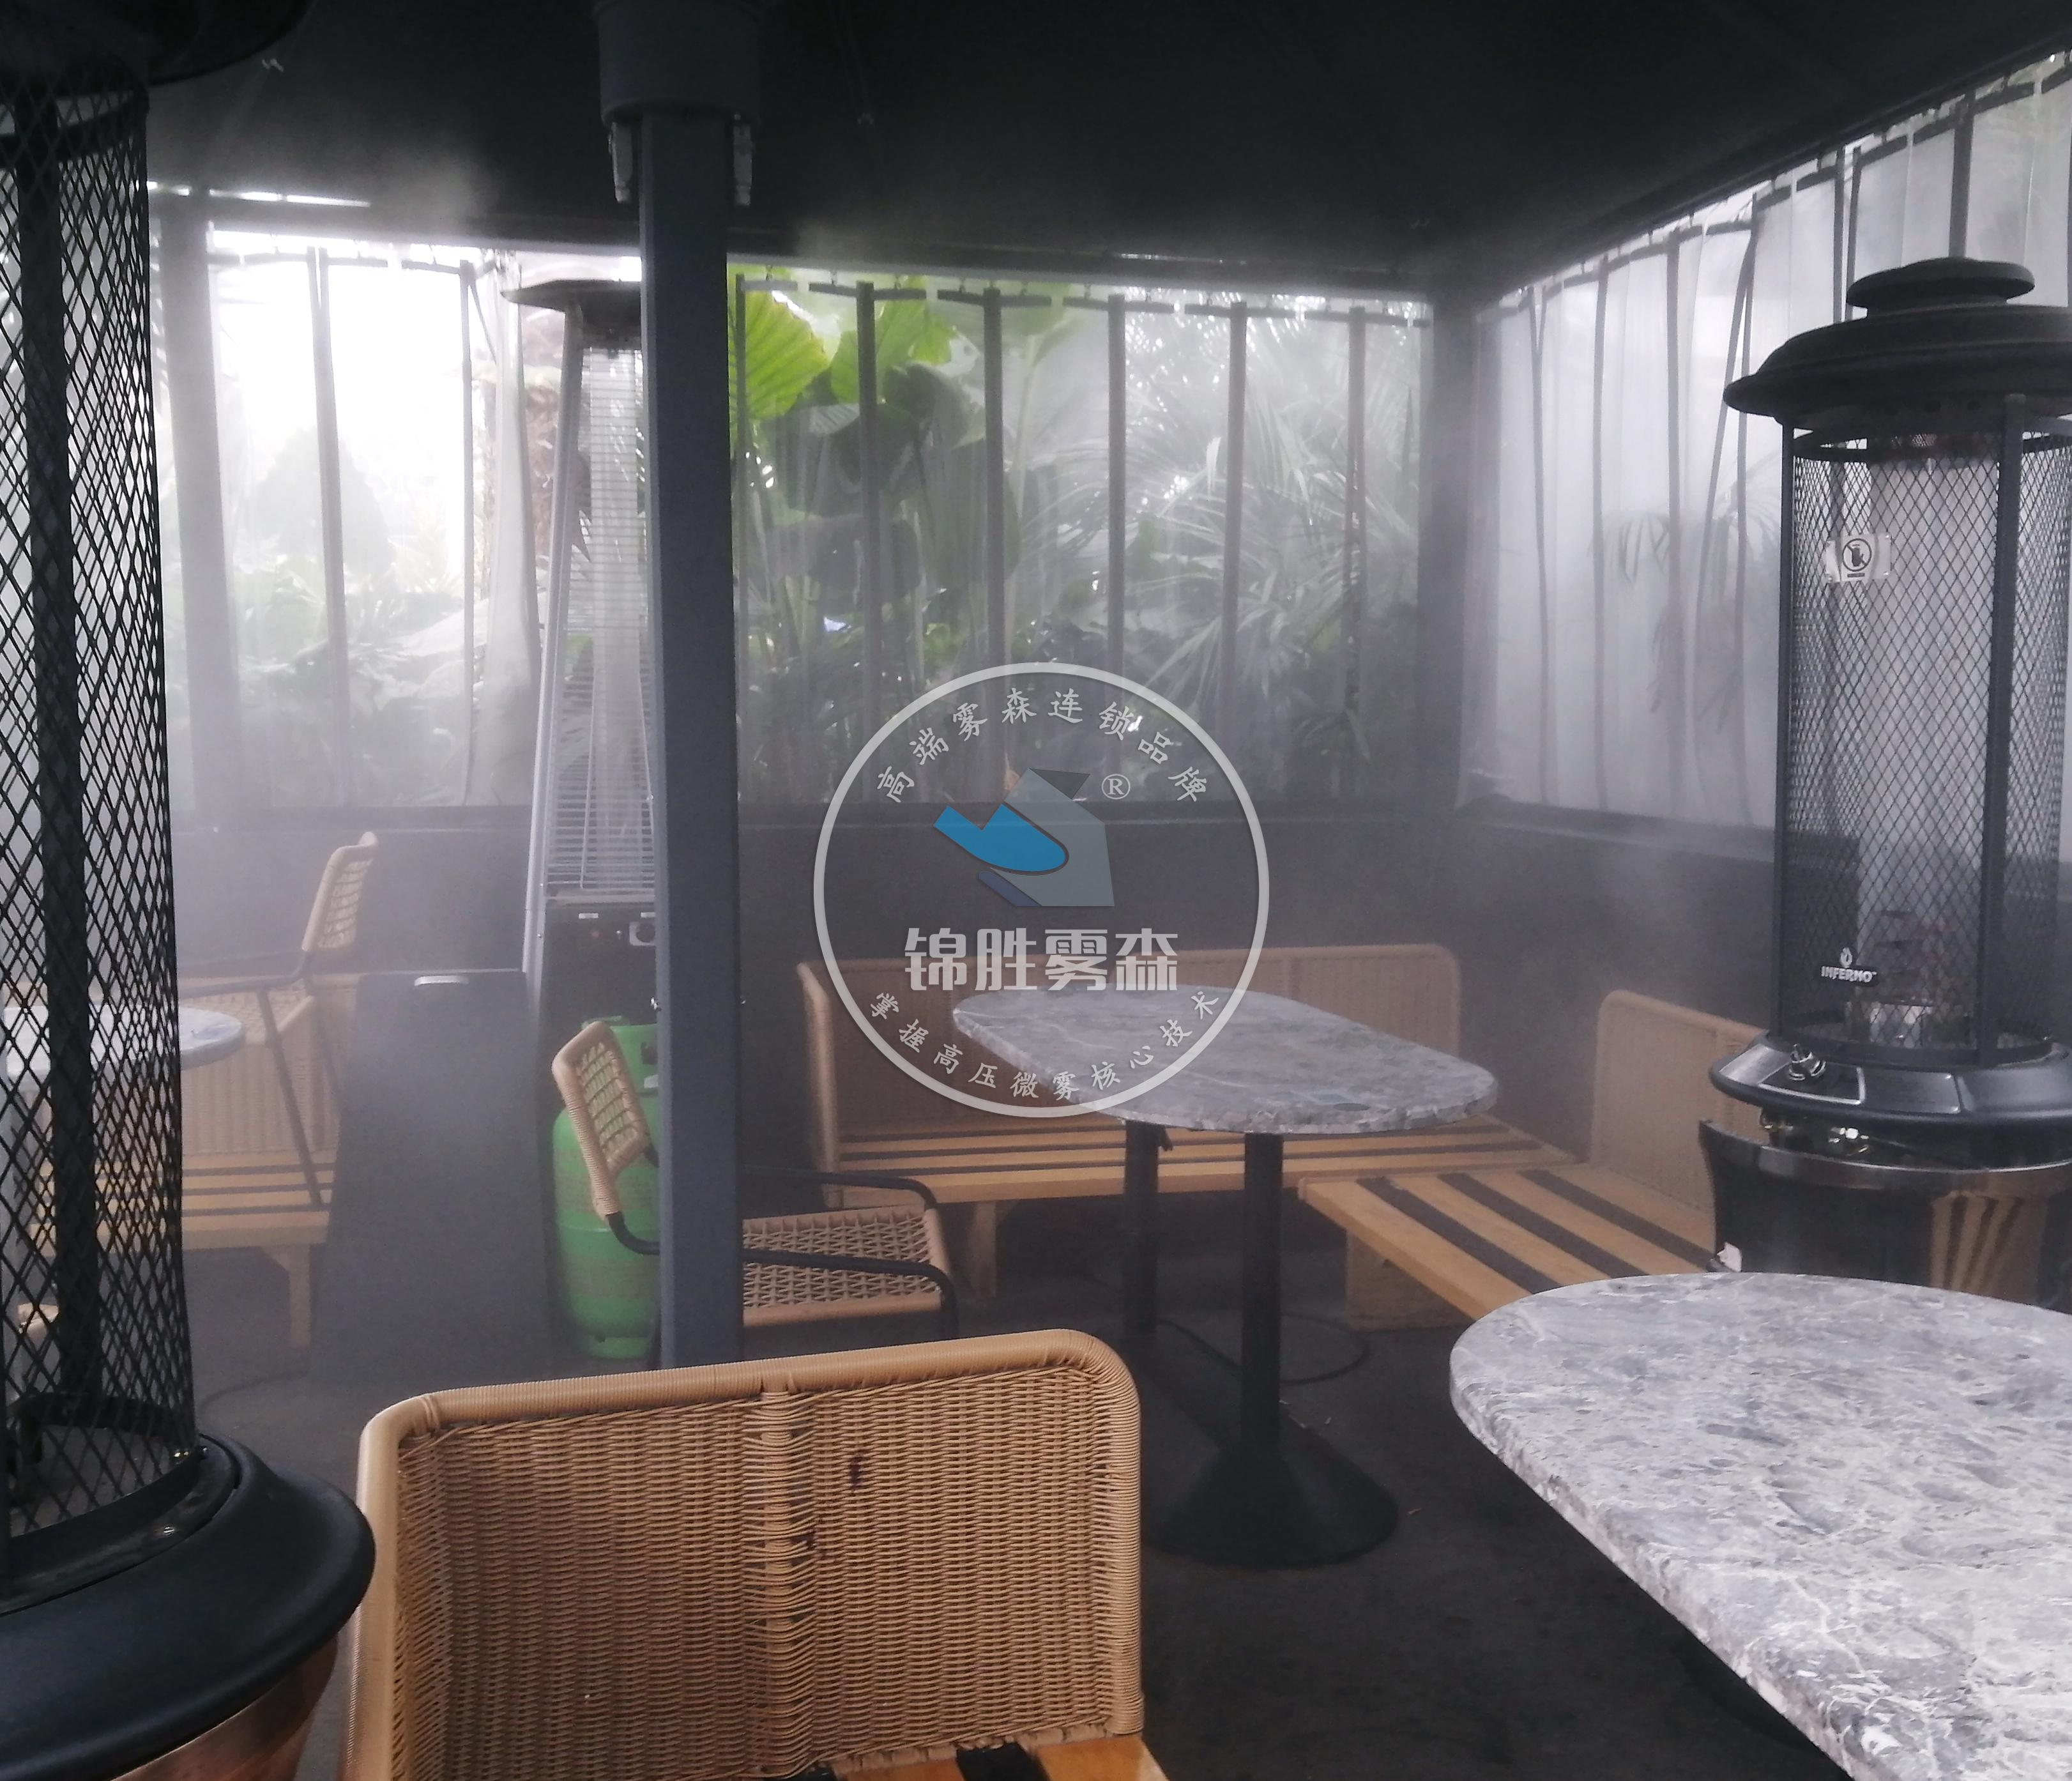 赤日炎炎,人造雾降温系统作伴——锦胜雾森